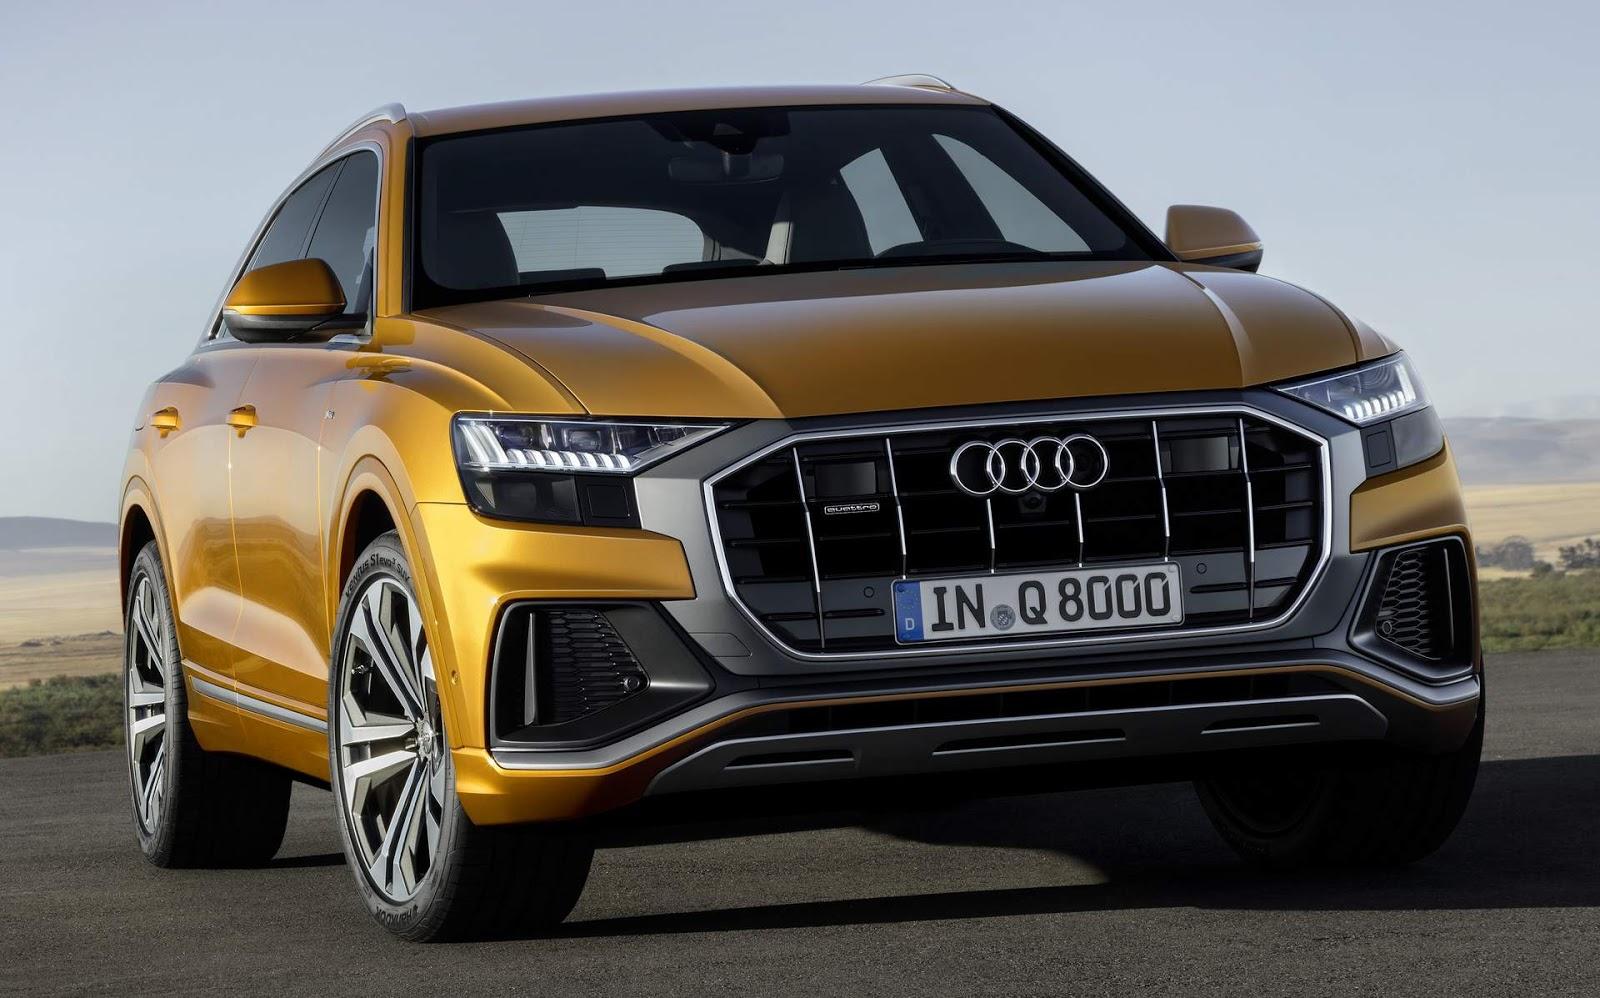 Audi Q8 Em Lançamento Oficial Fotos E Especificações Carblogbr